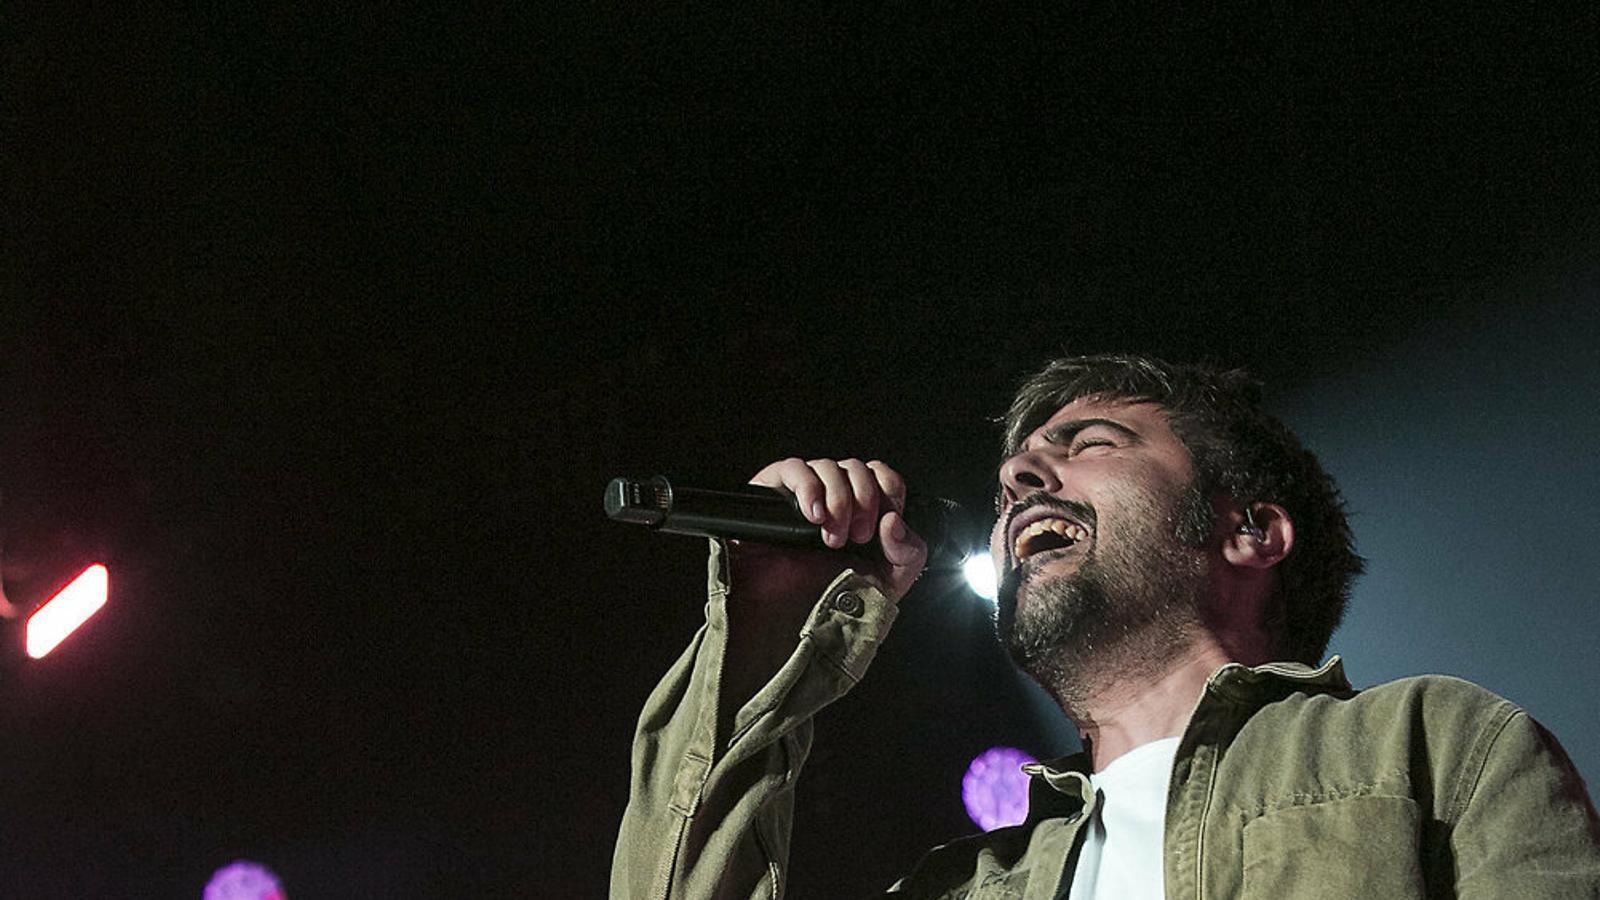 El duet ha venut totes les entrades disponibles  per als concerts del Palau Sant Jordi.